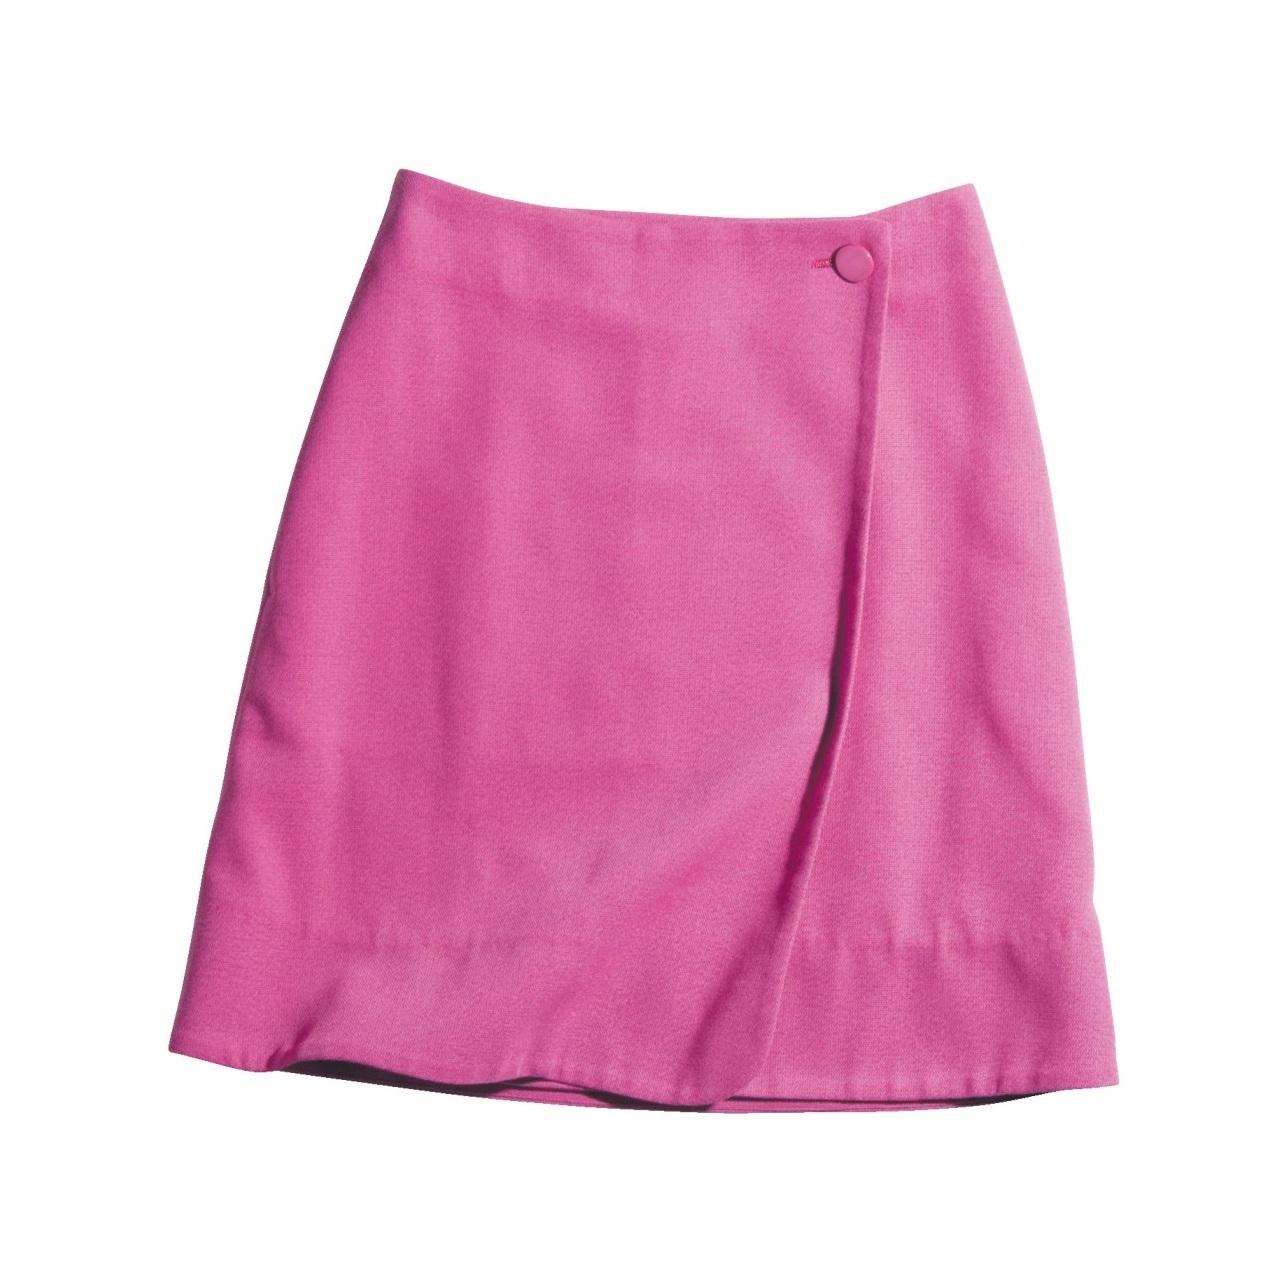 アラフォーでも着たい! 春の本命カラー、ピンクのスカート _1_1